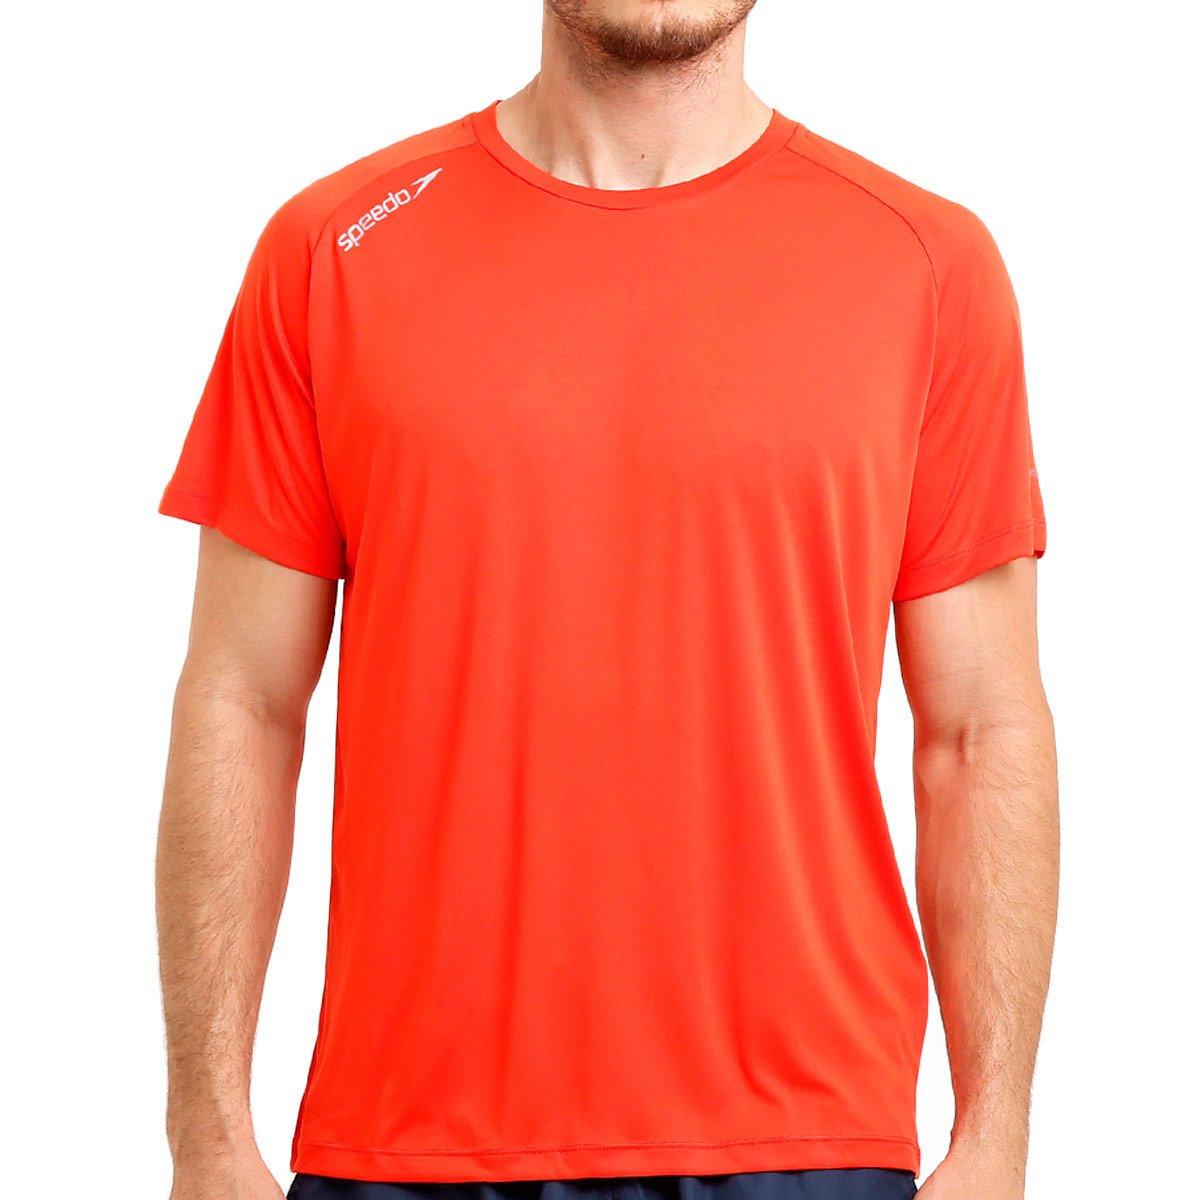 0251902ad53 Camiseta Speedo Raglan Basic UV50